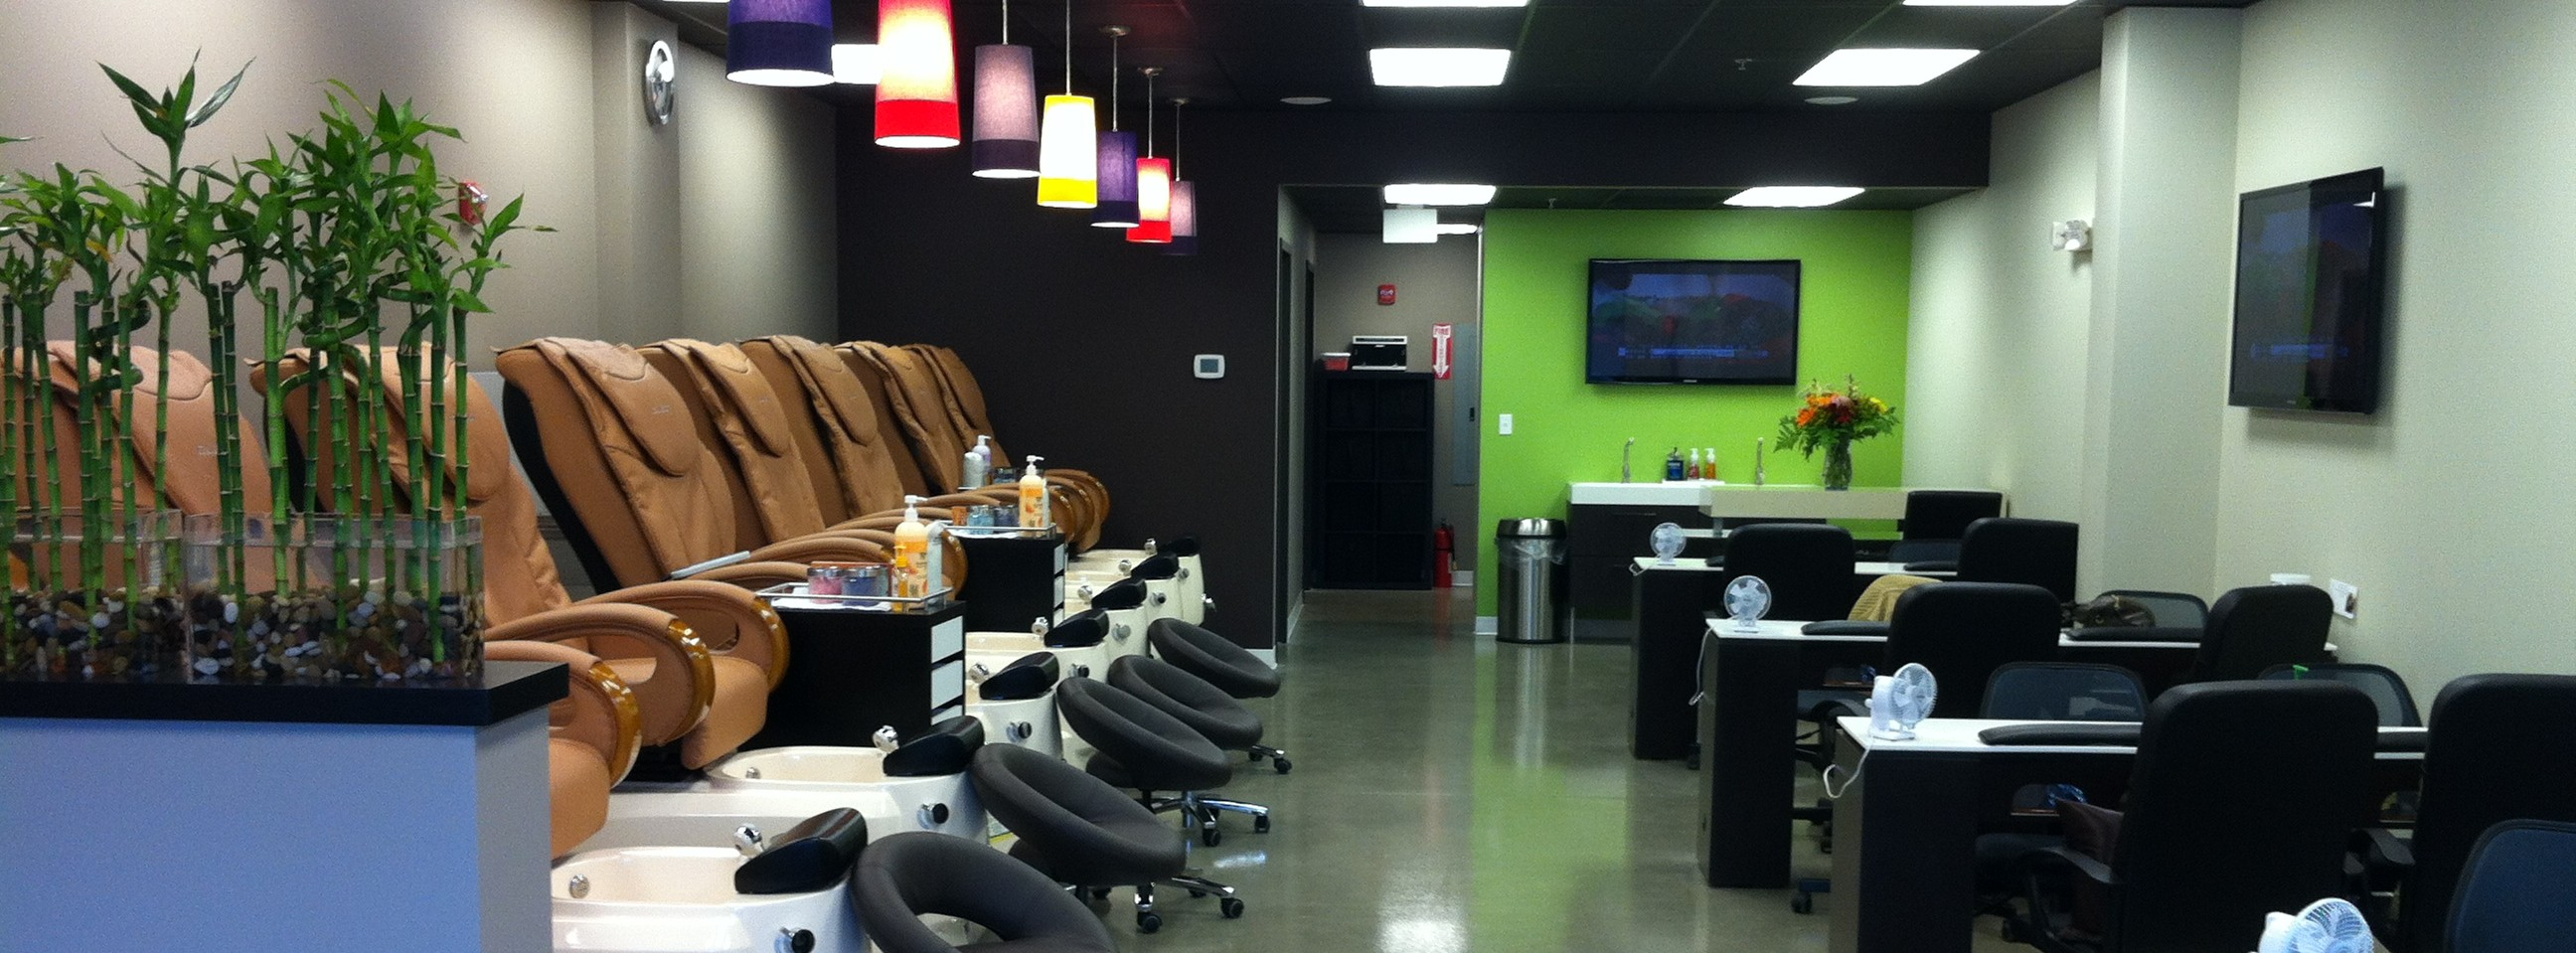 Nail salon koi nails ellicott city md for At nail salon